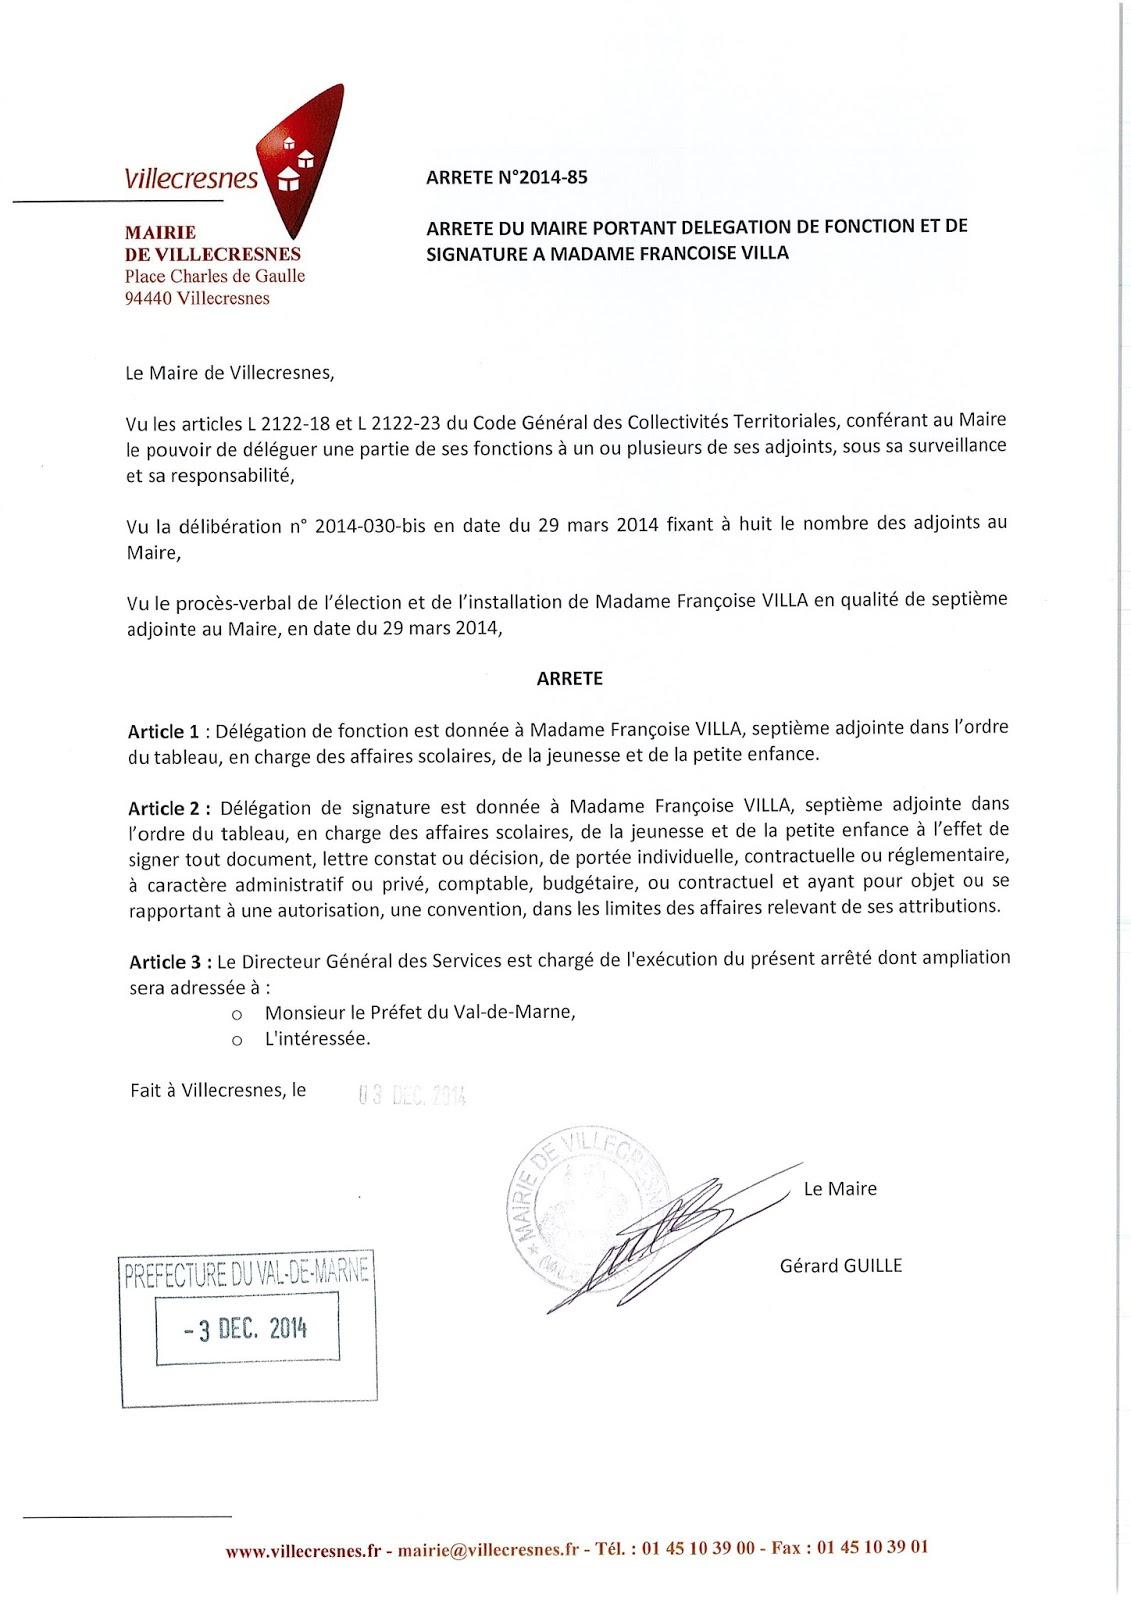 2014-085 Délégation de fonction et de signature à Madame Françoise Villa